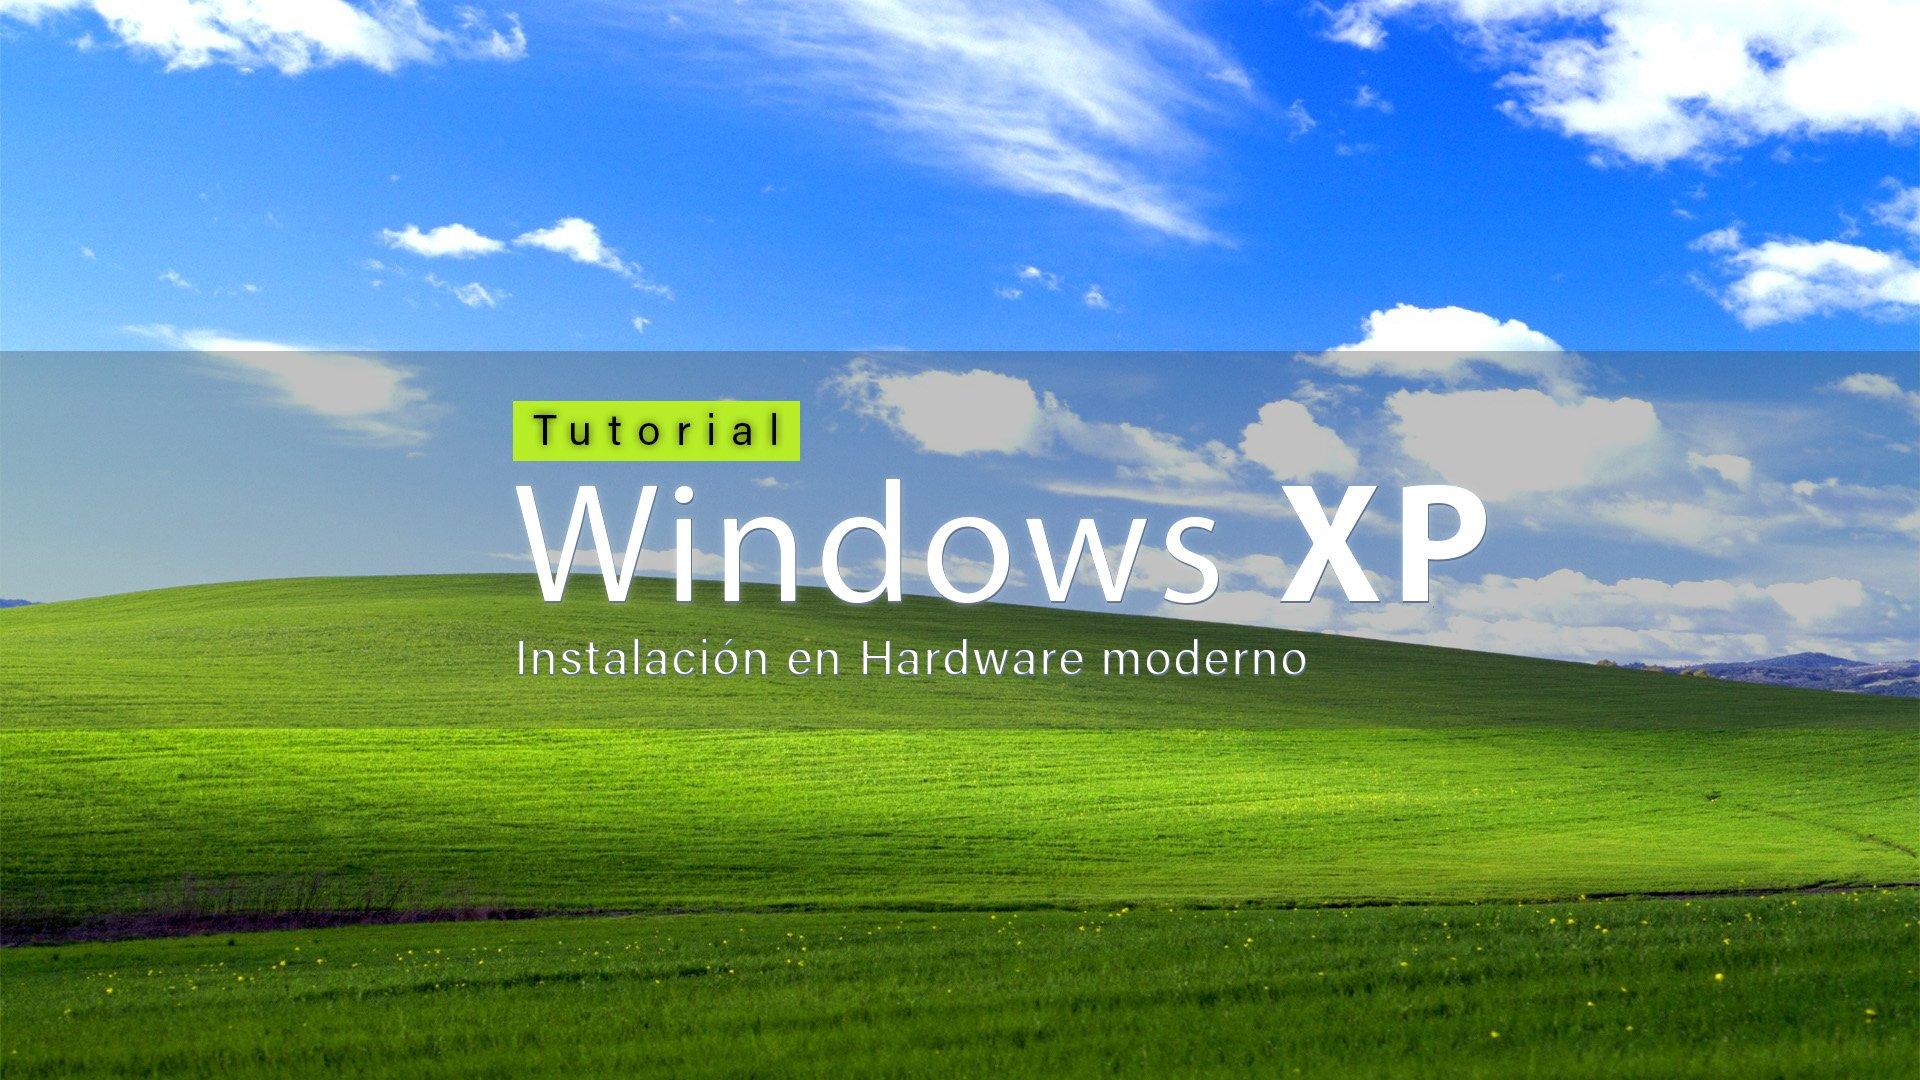 Como instalar office 2010 en windows xp con service pack 1 o 2.